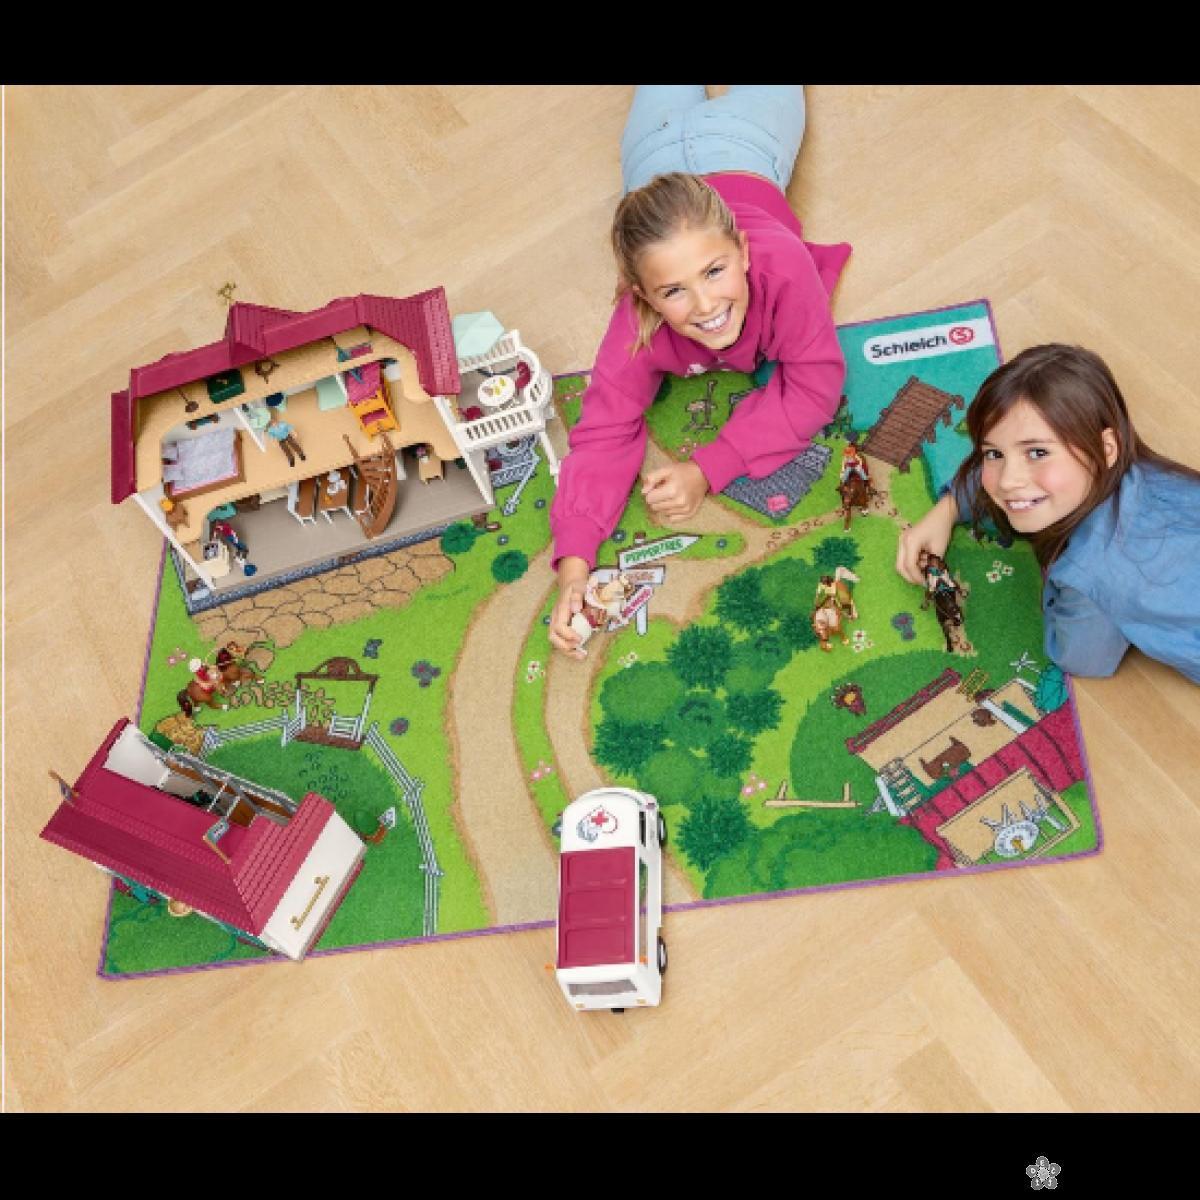 Podloga tepih za igru 42442